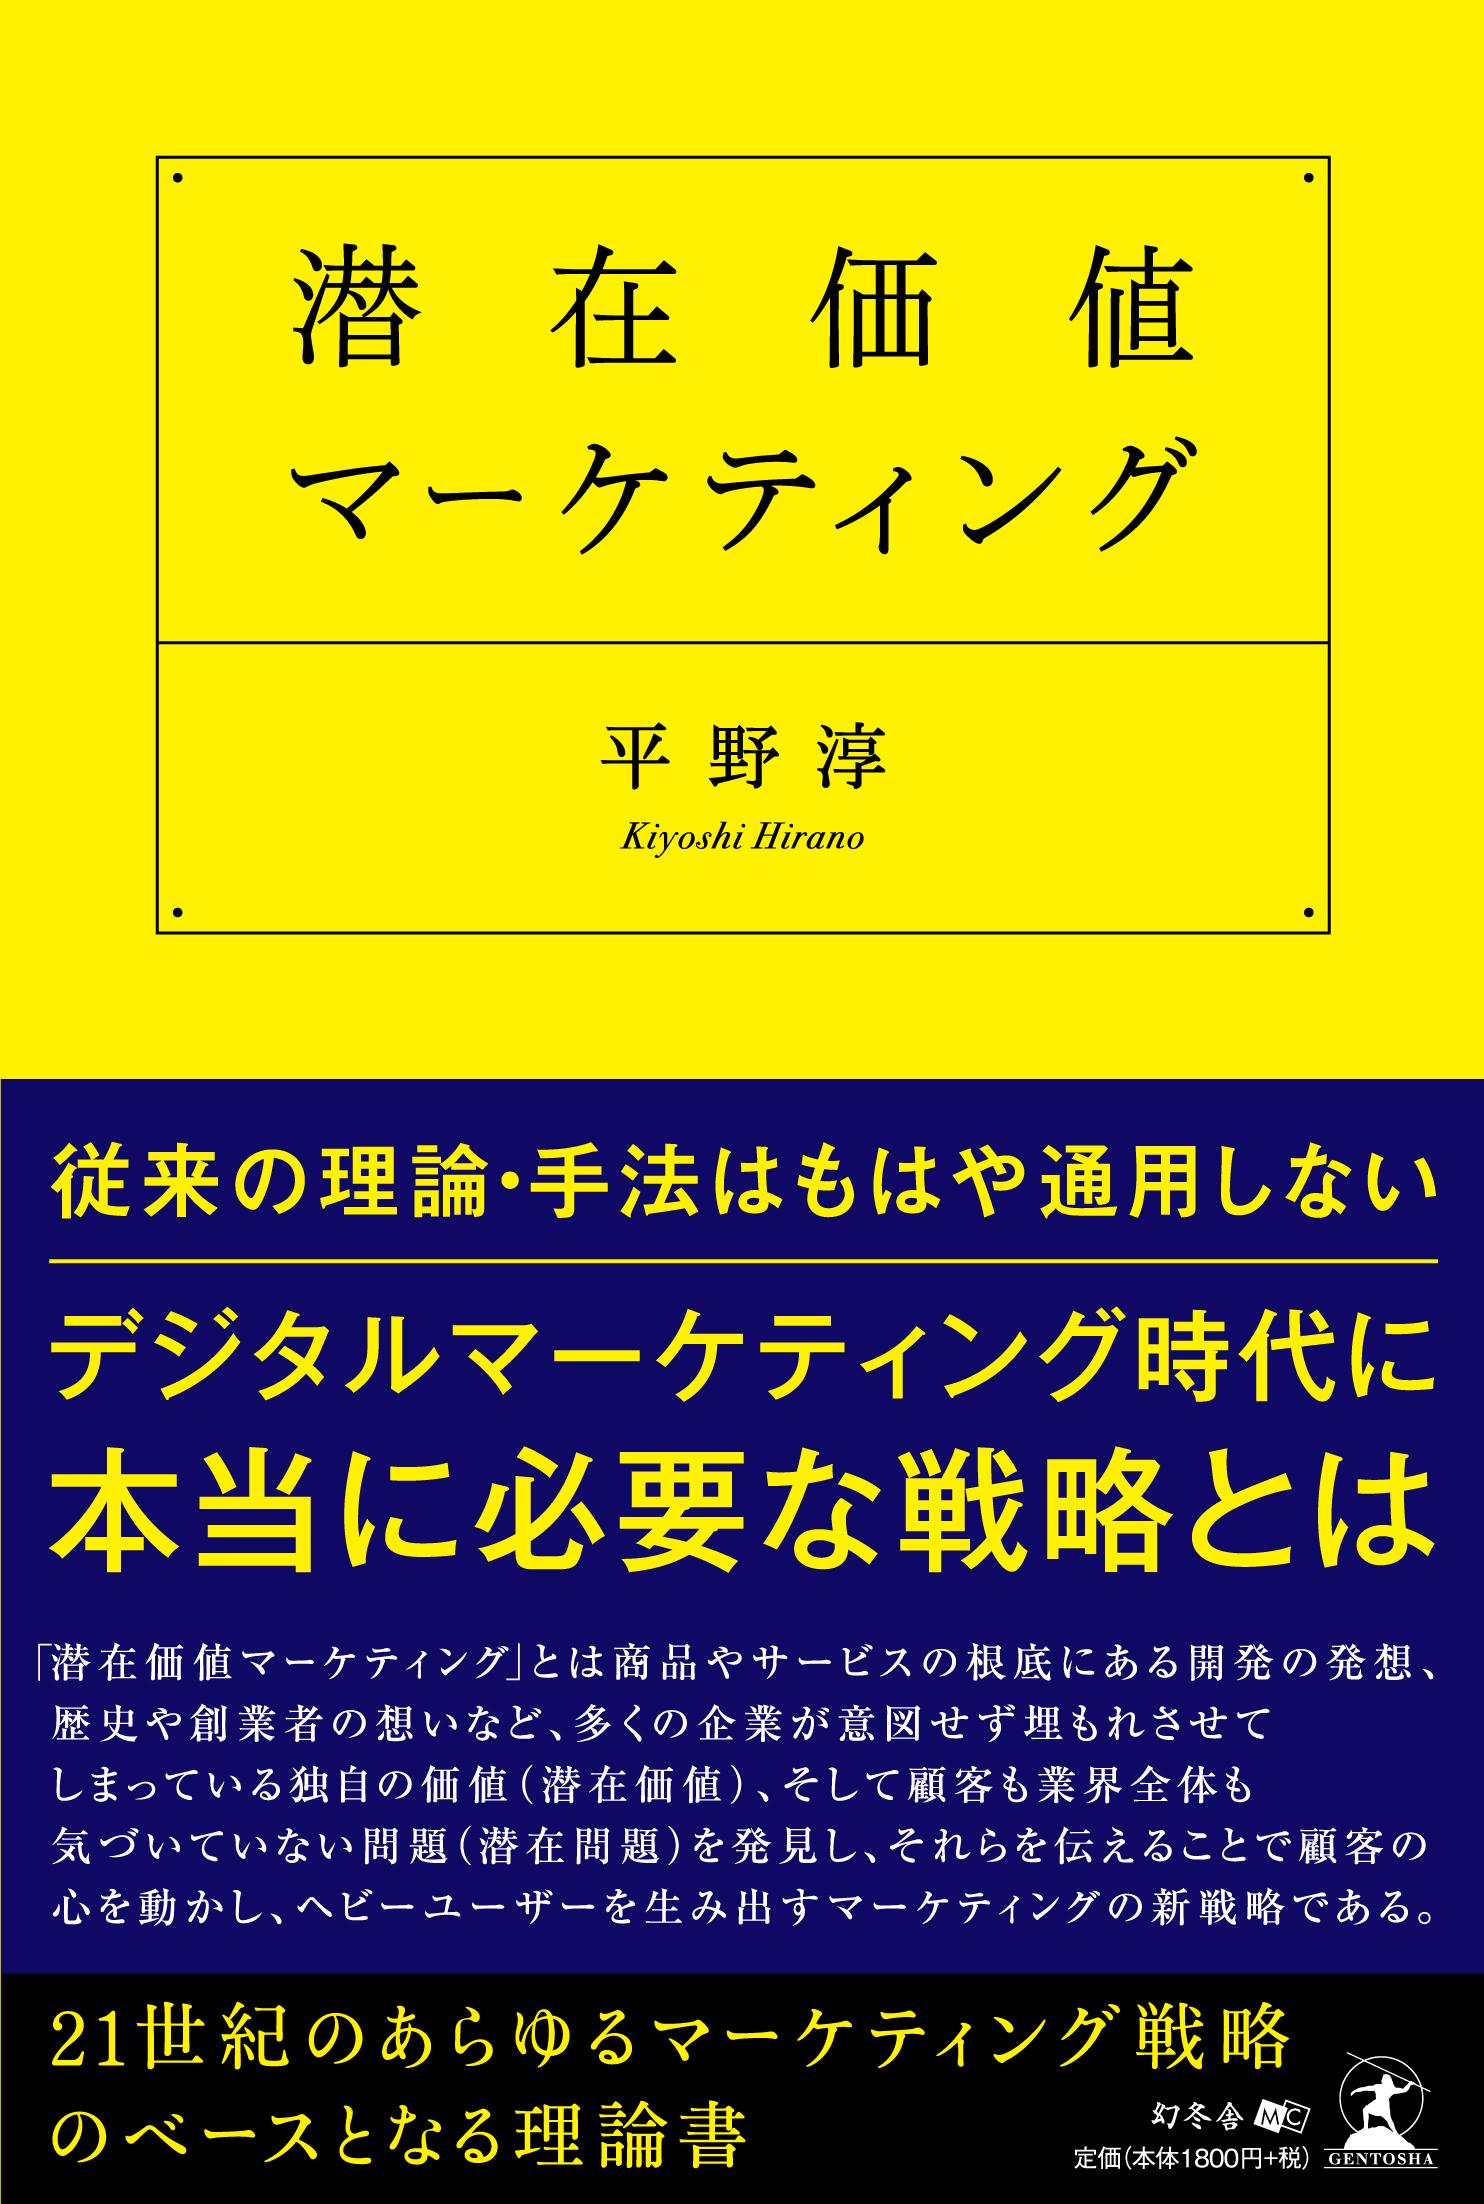 新刊出版のお知らせ